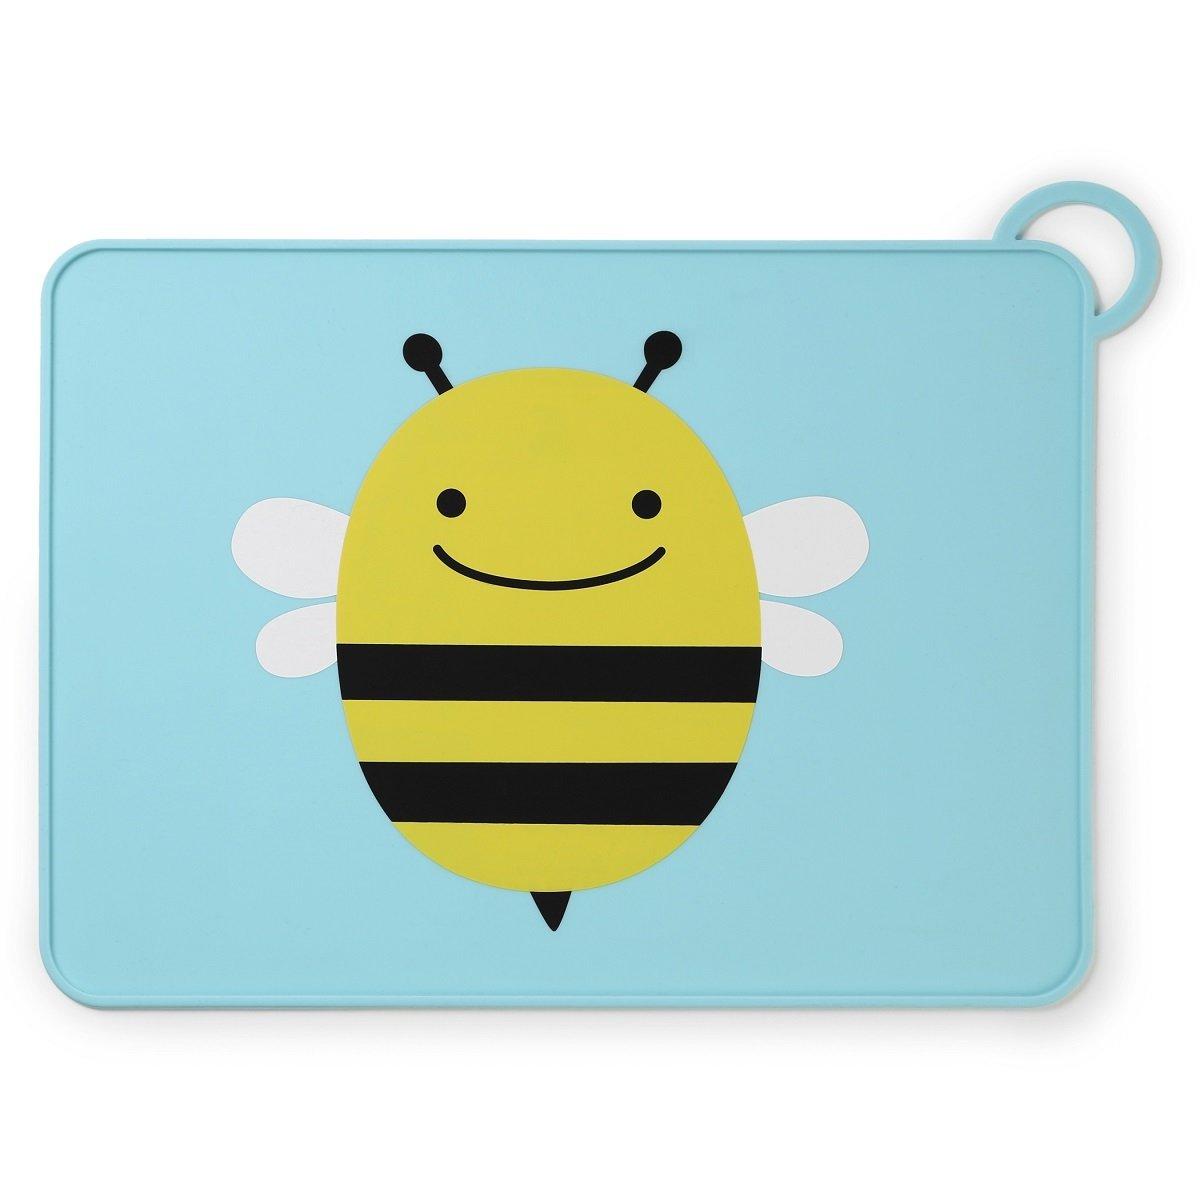 可愛動物園矽膠餐墊 - 蜜蜂